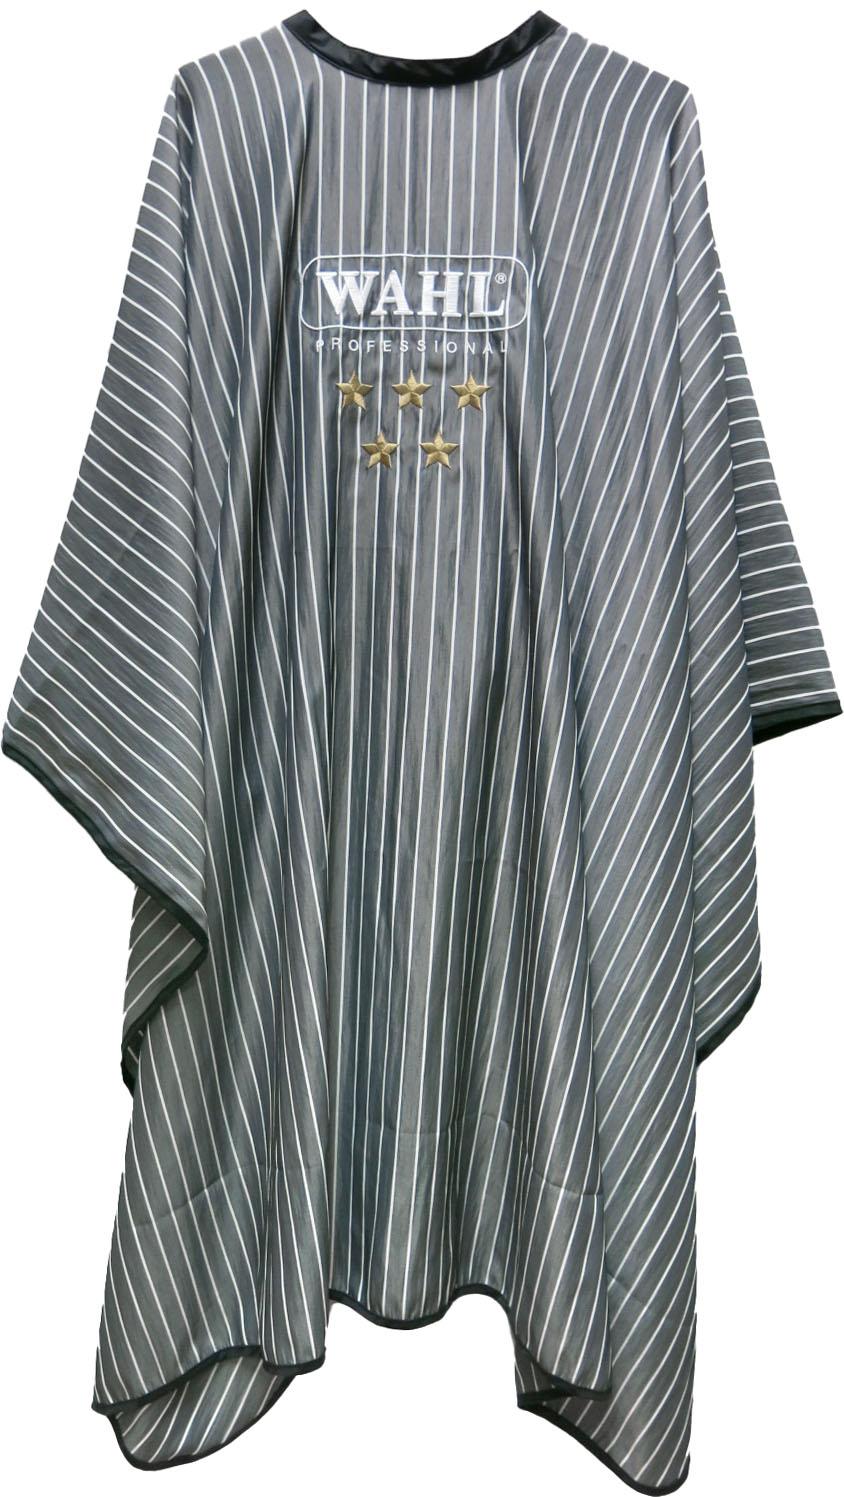 Wahl Haircutting cape 0093-6400 - holičská pláštenka, na háčik